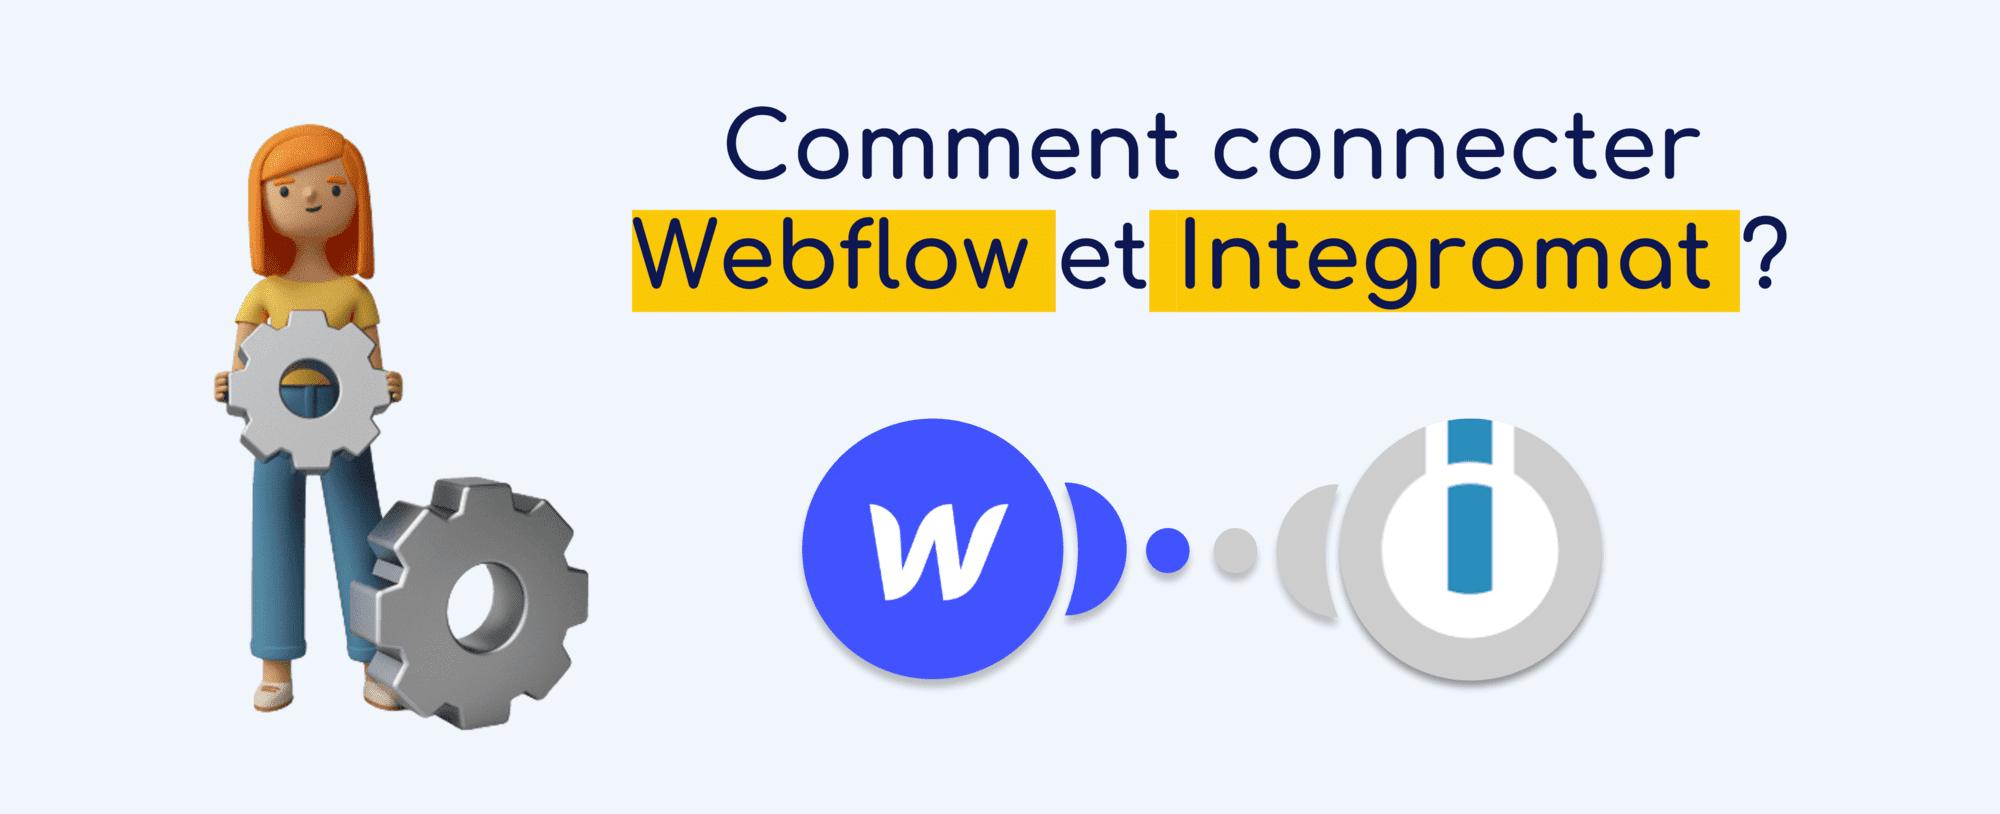 Comment connecter votre site Webflow à Integromat ?